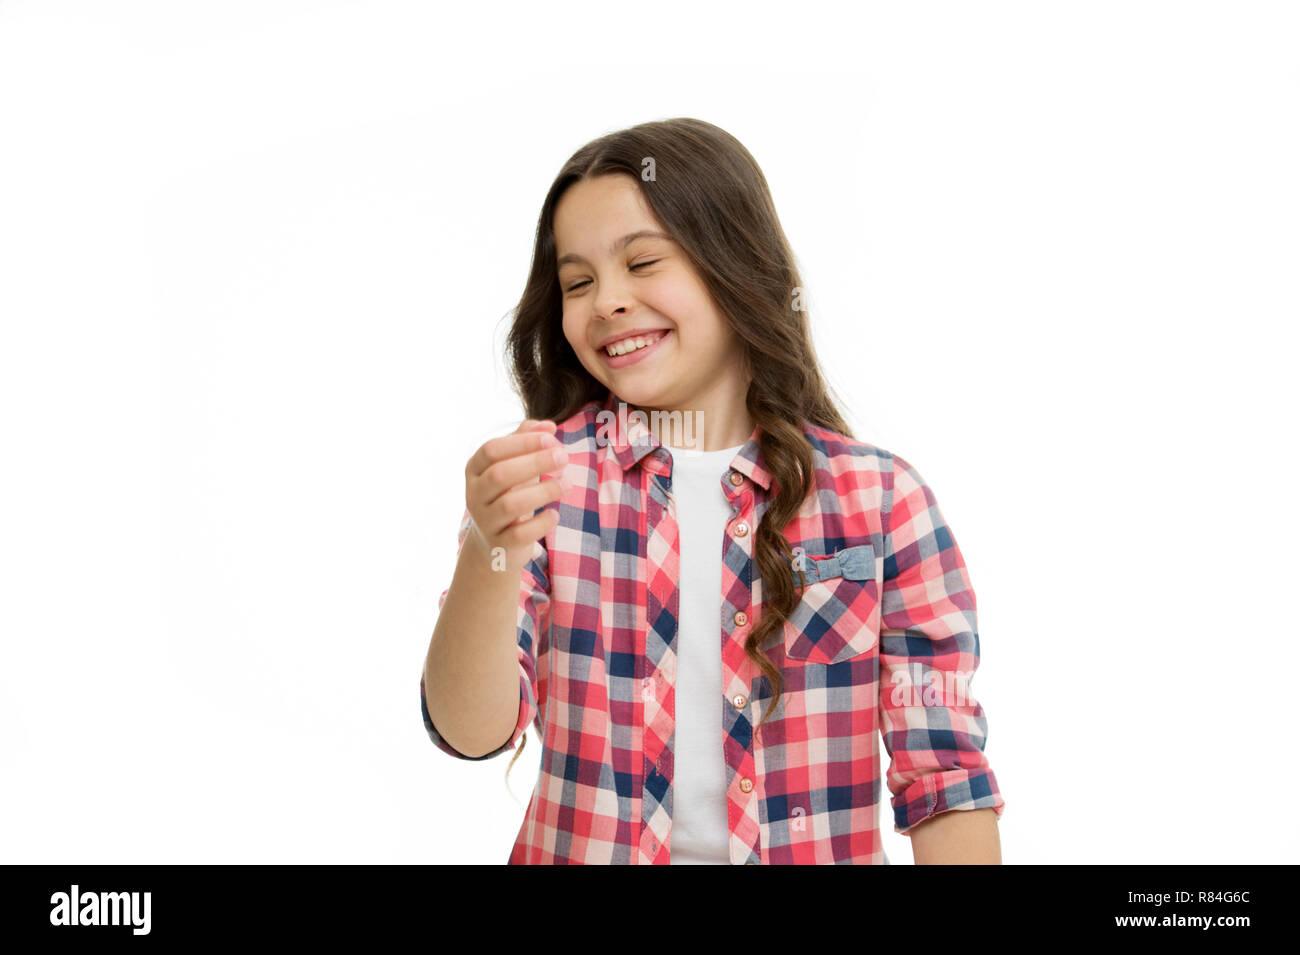 Kann nicht aufhören zu lachen. Humor und lustige Geschichte reagieren. Kindheit und Glück Konzept. Kid mit fröhlichen Lachen Gesicht isolierte Weiß. Emotionen Konzept. Aufrichtig emotionale Kind. Mädchen lachen emotionale Gesicht. Stockfoto